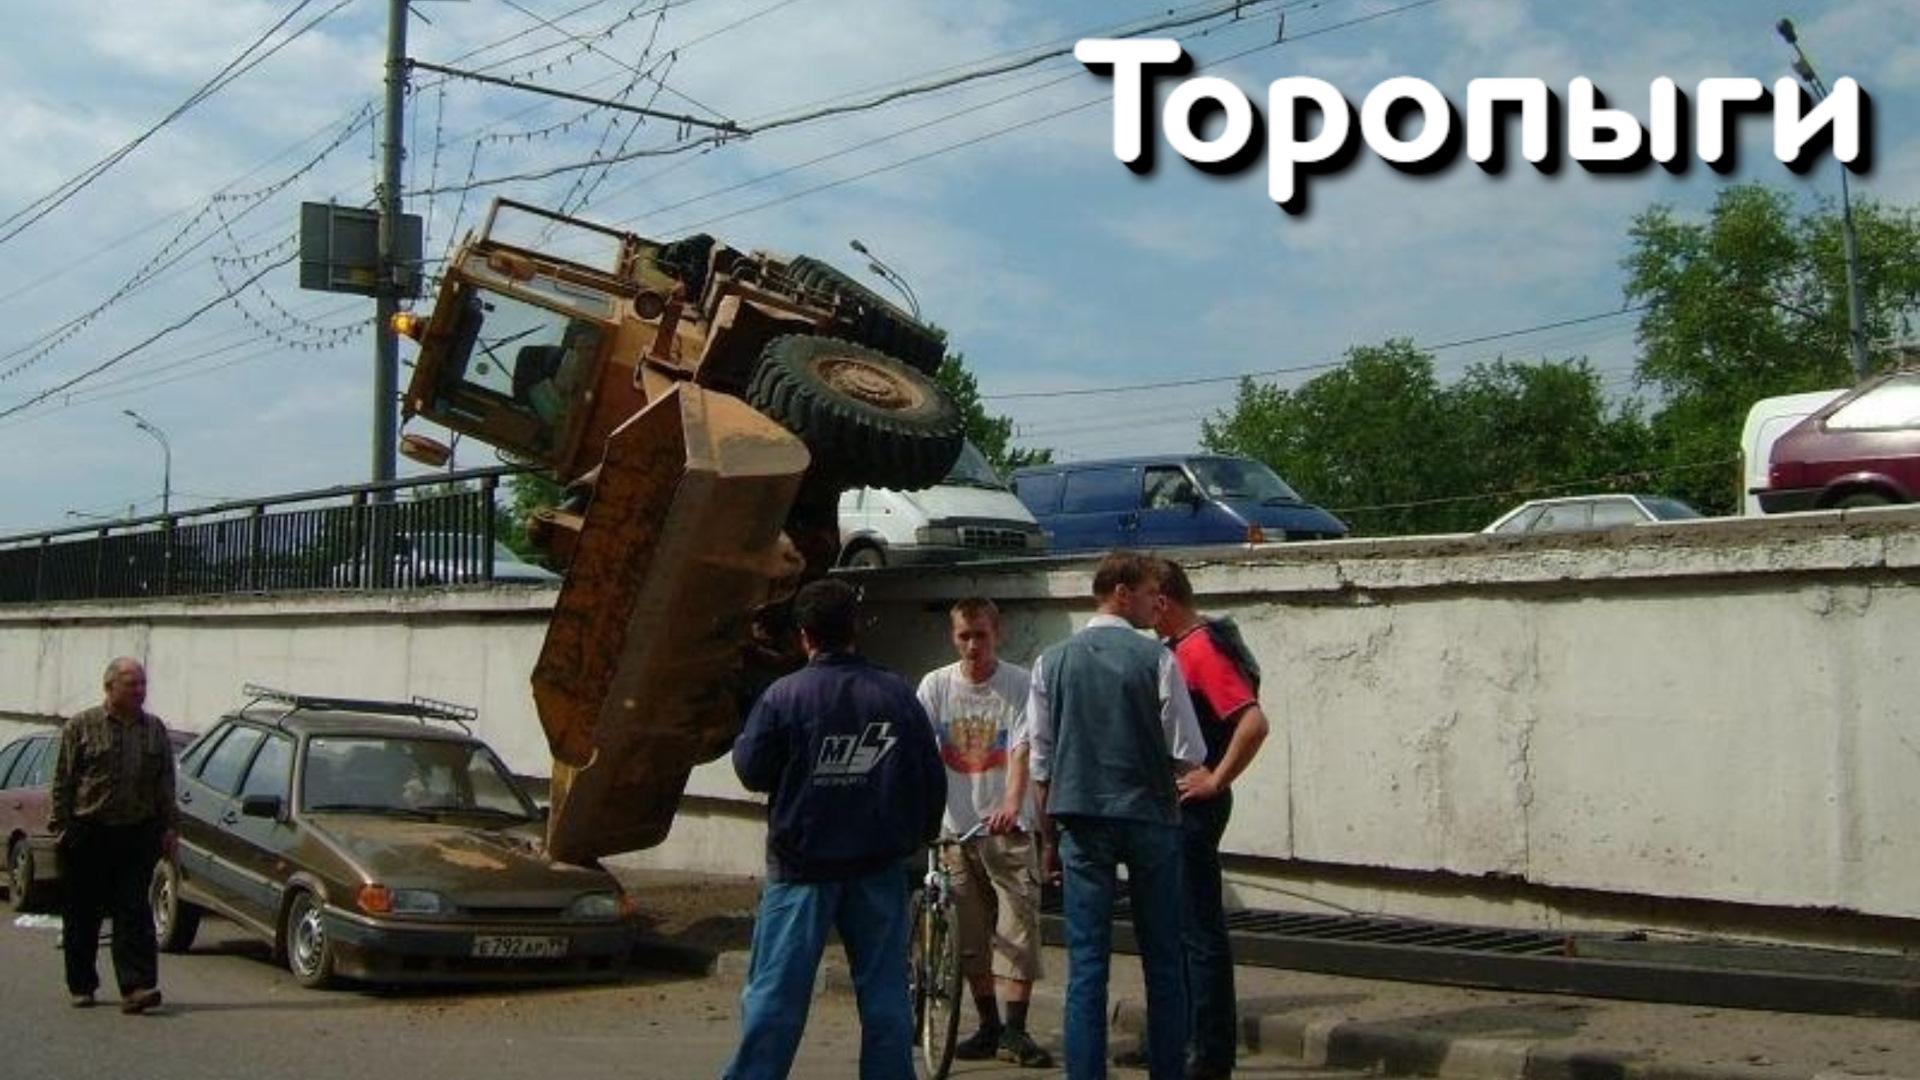 Подборка самых странных автомобильных аварий